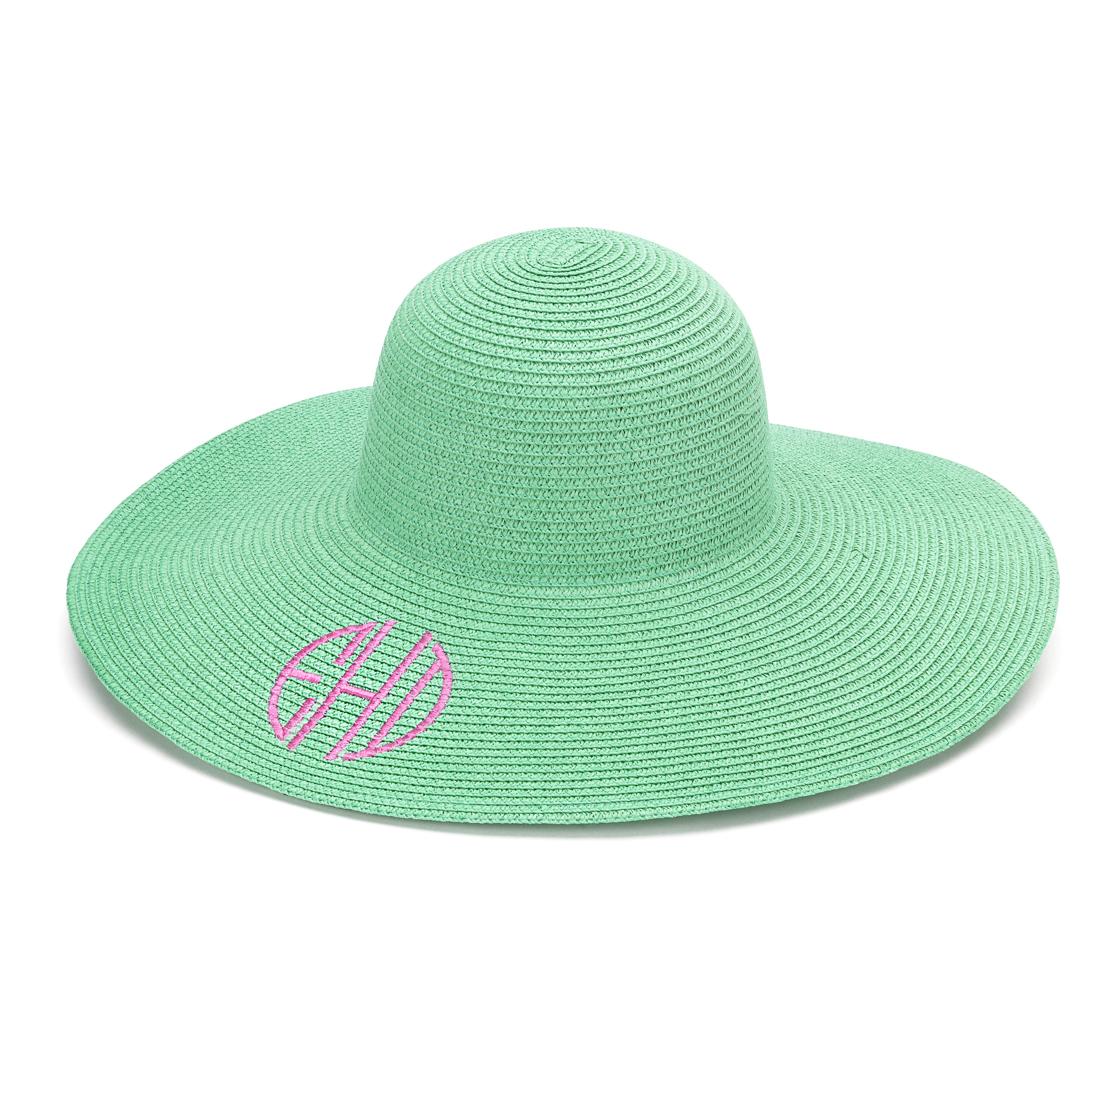 469cfc2a6f441 Monogrammed Floppy Beach Hat